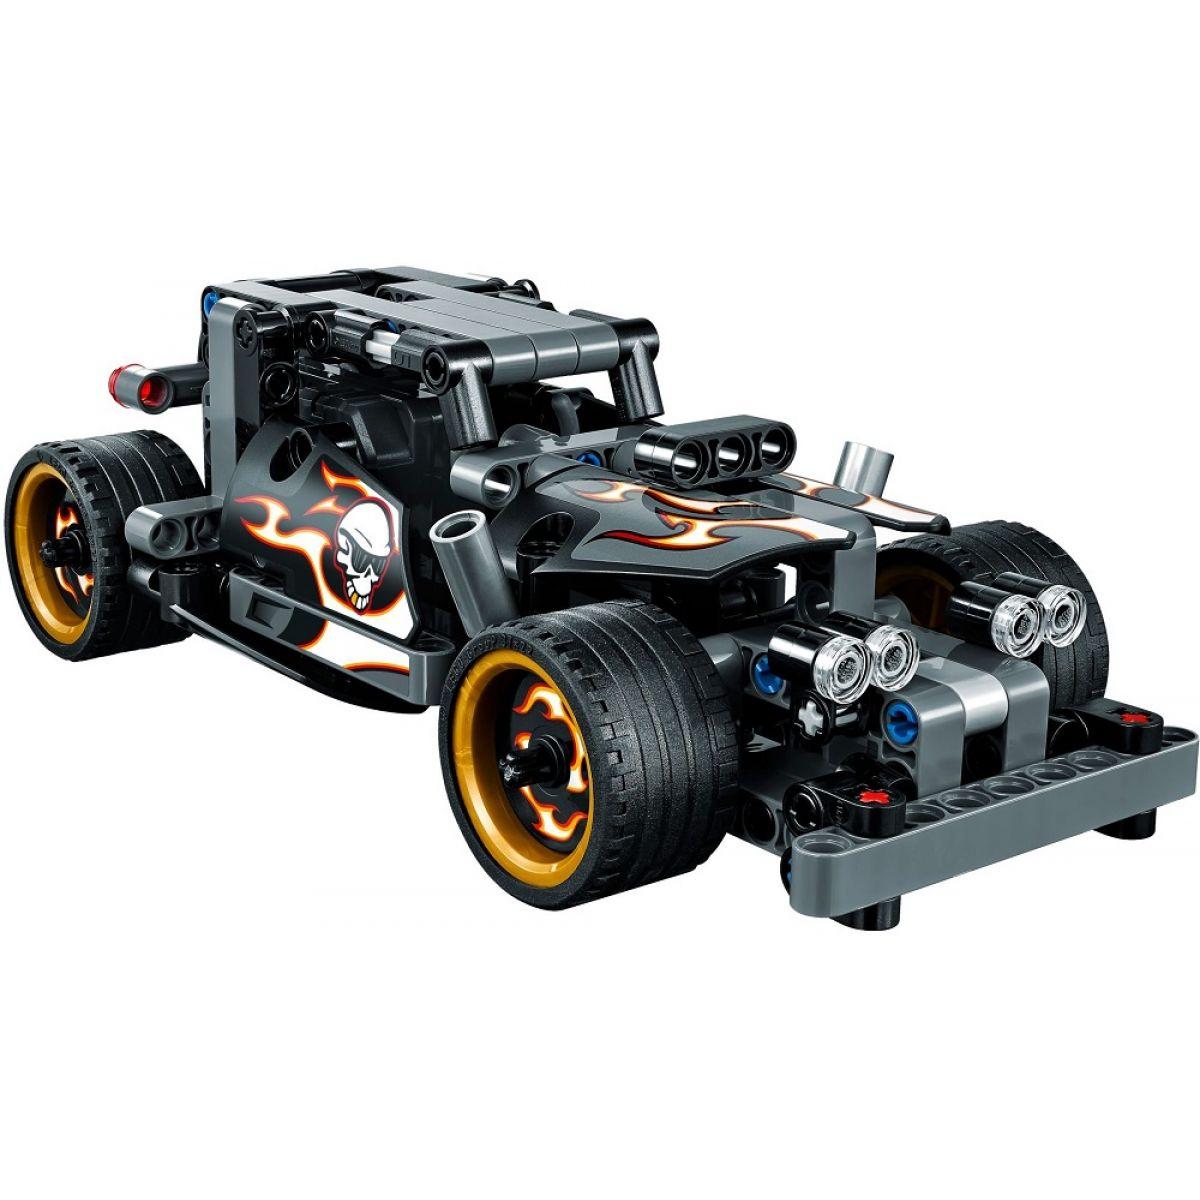 LEGO Technic 42046 Únikové závodní auto #4